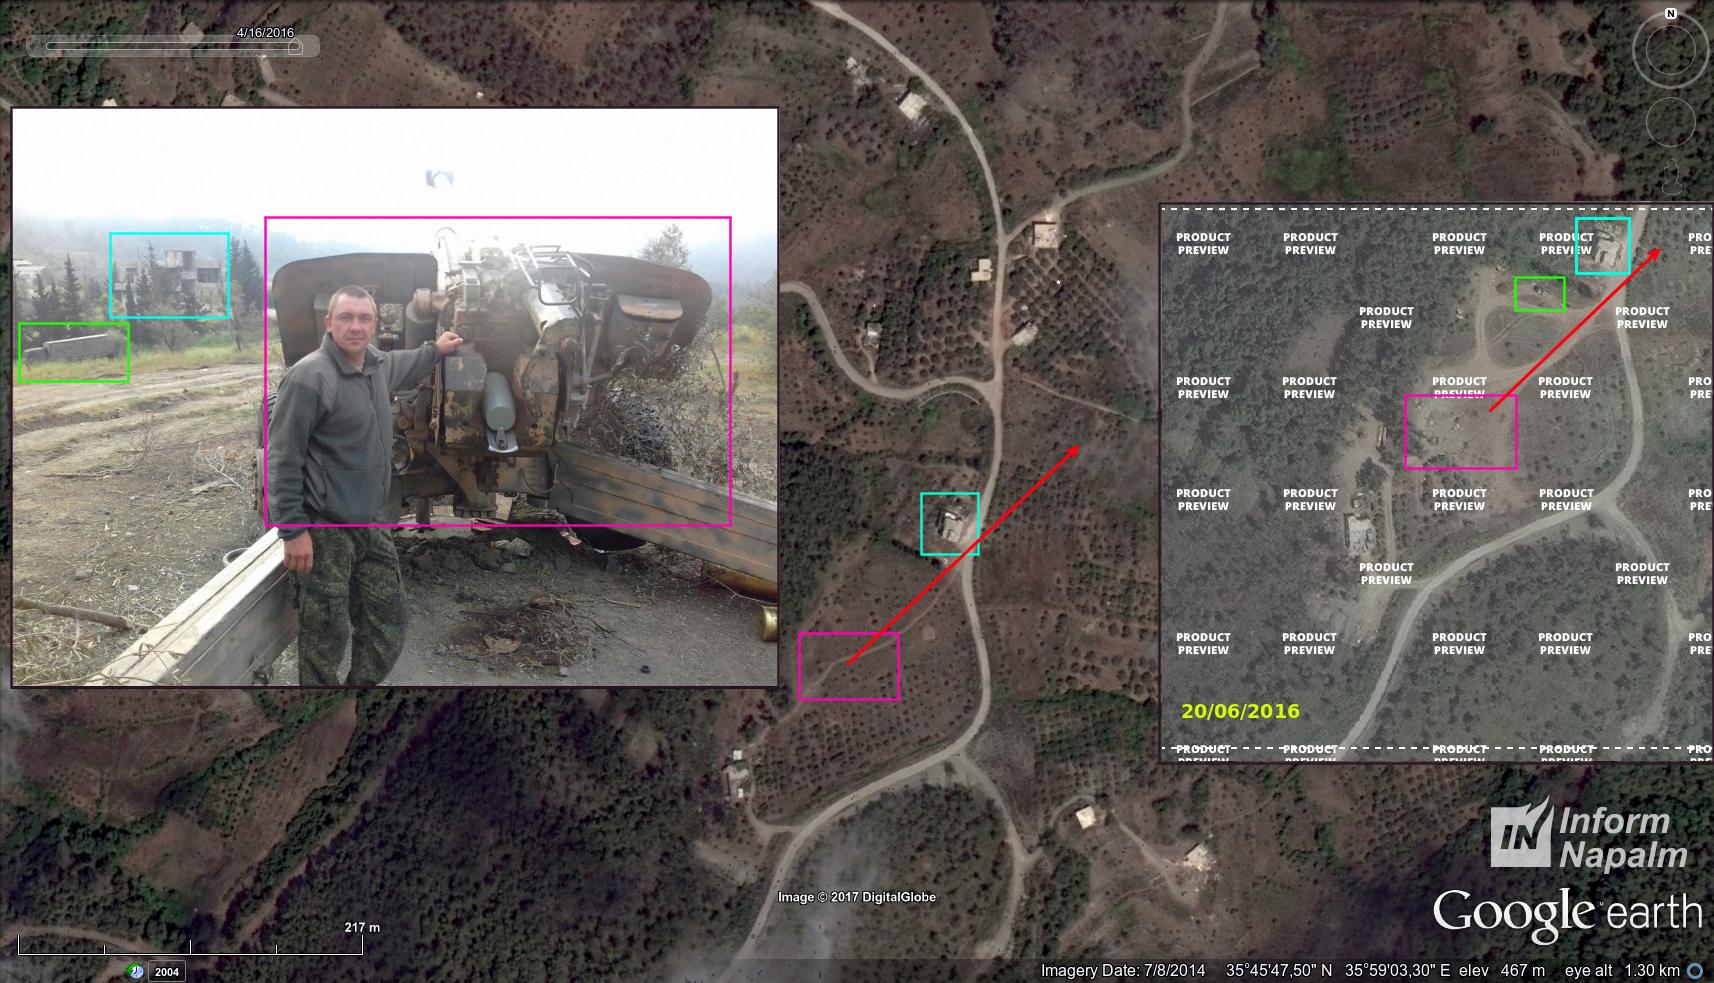 Ryska artilleriets falska operationer för att anklaga Turkiet